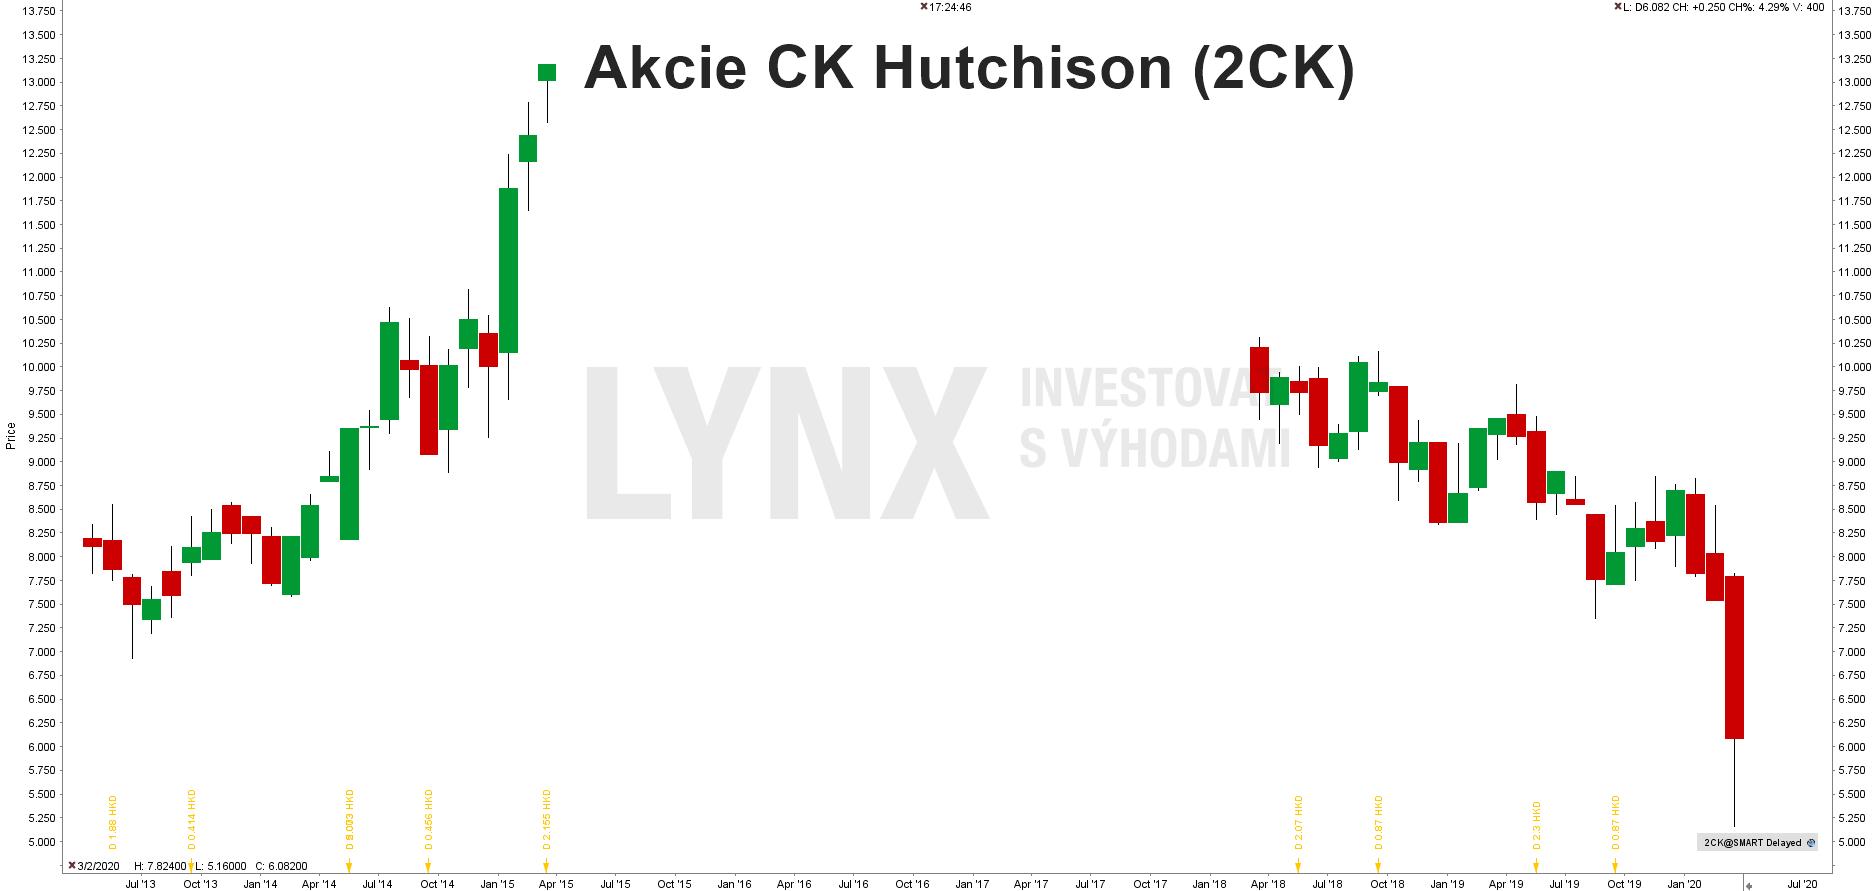 Akcie CK Hutchison